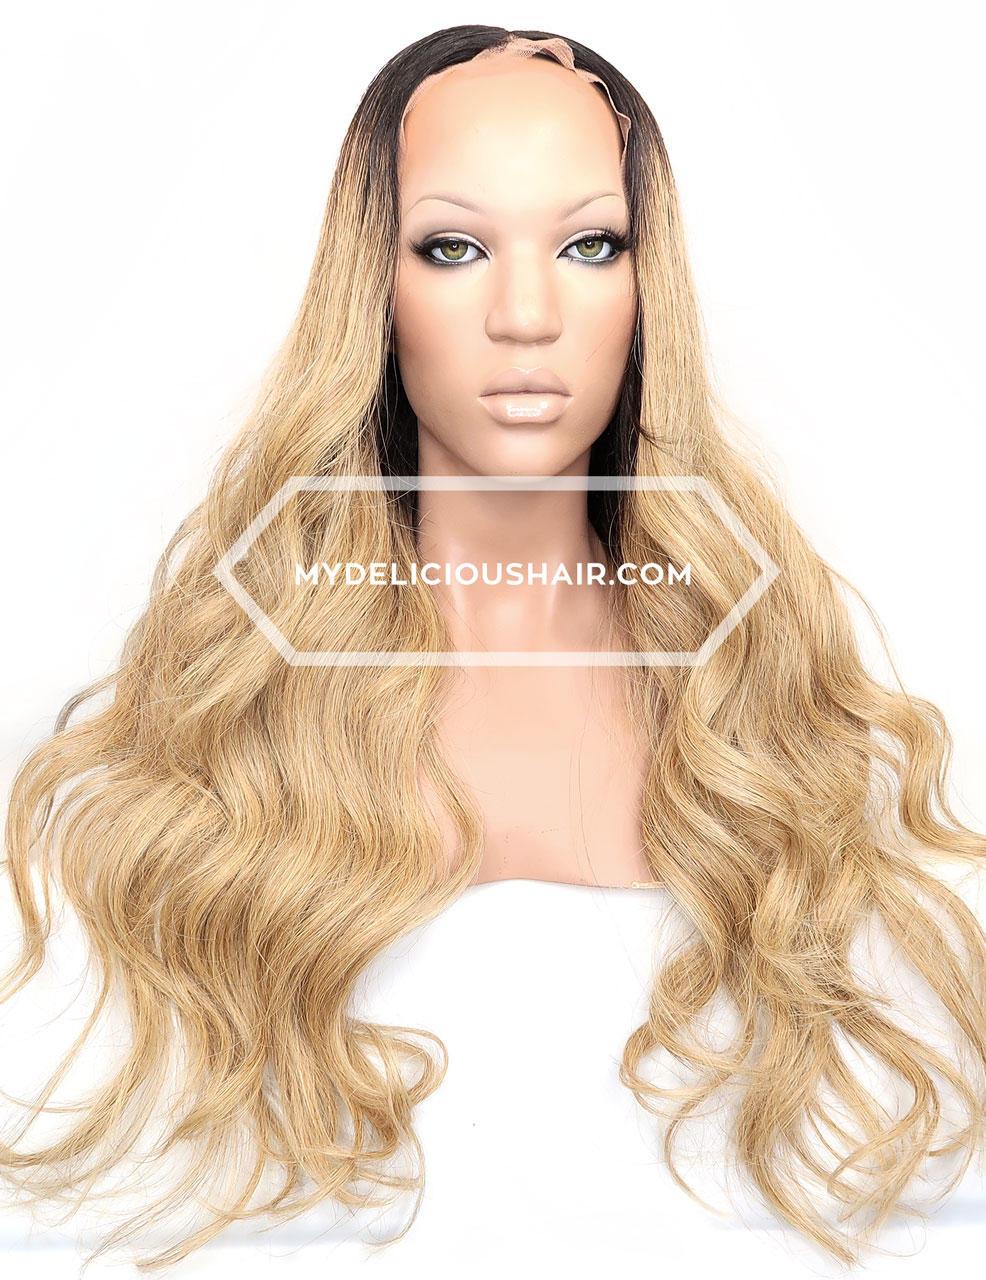 Shop Lace Wigs image 22